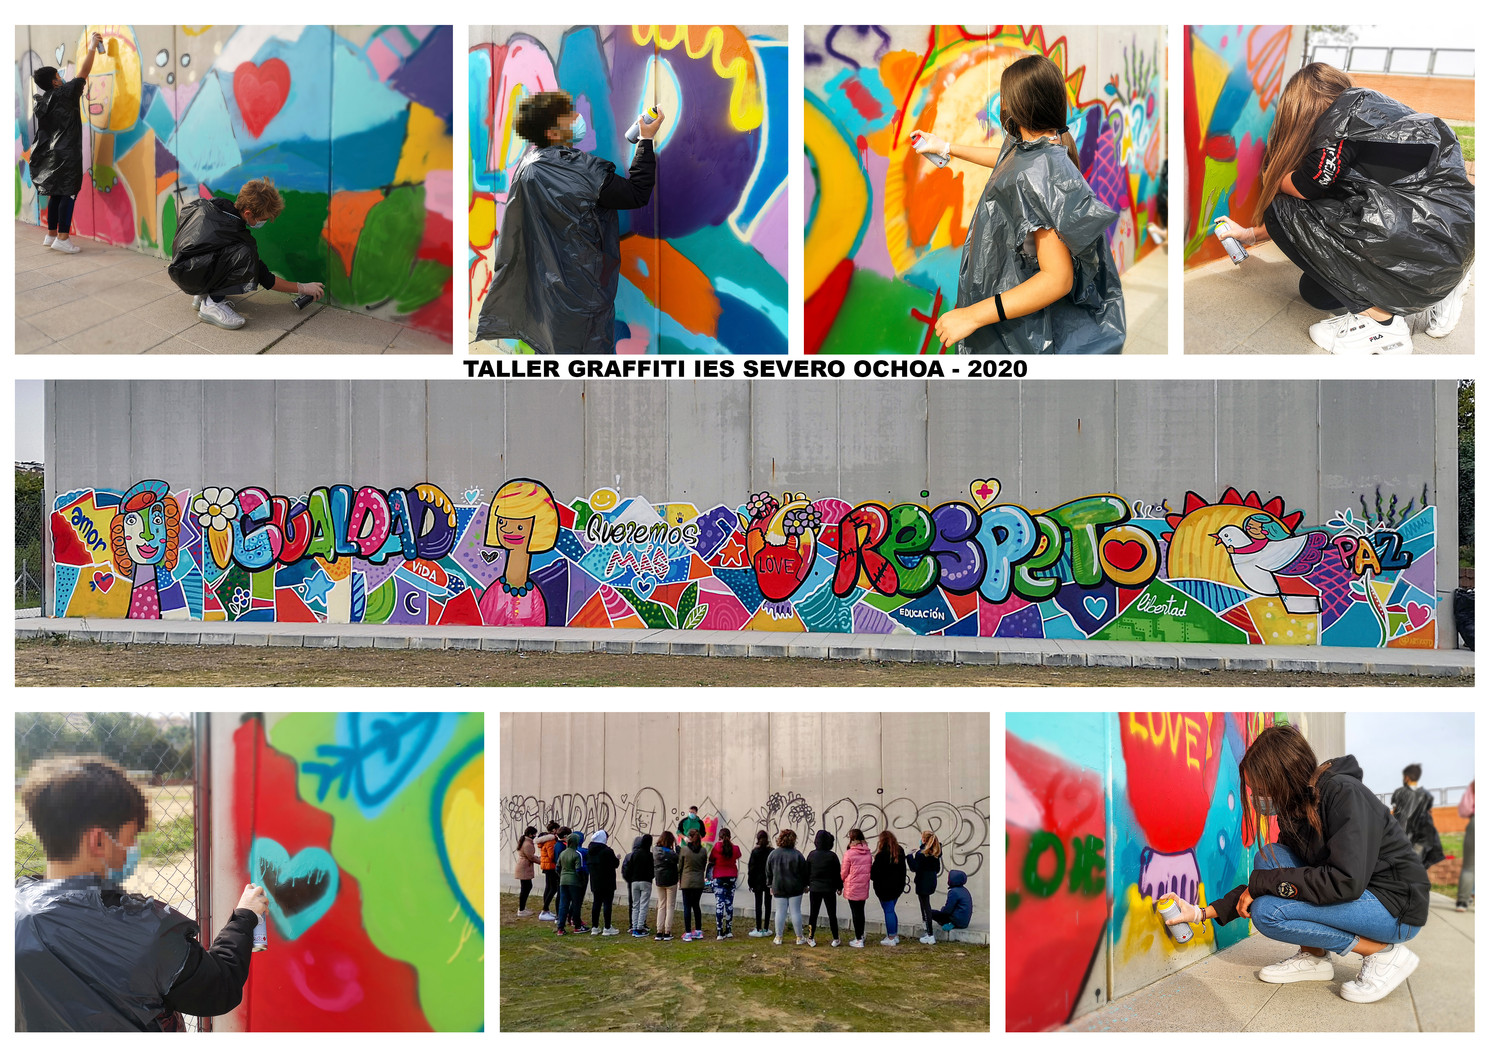 Taller de Graffitis Severo Ochoa 2020